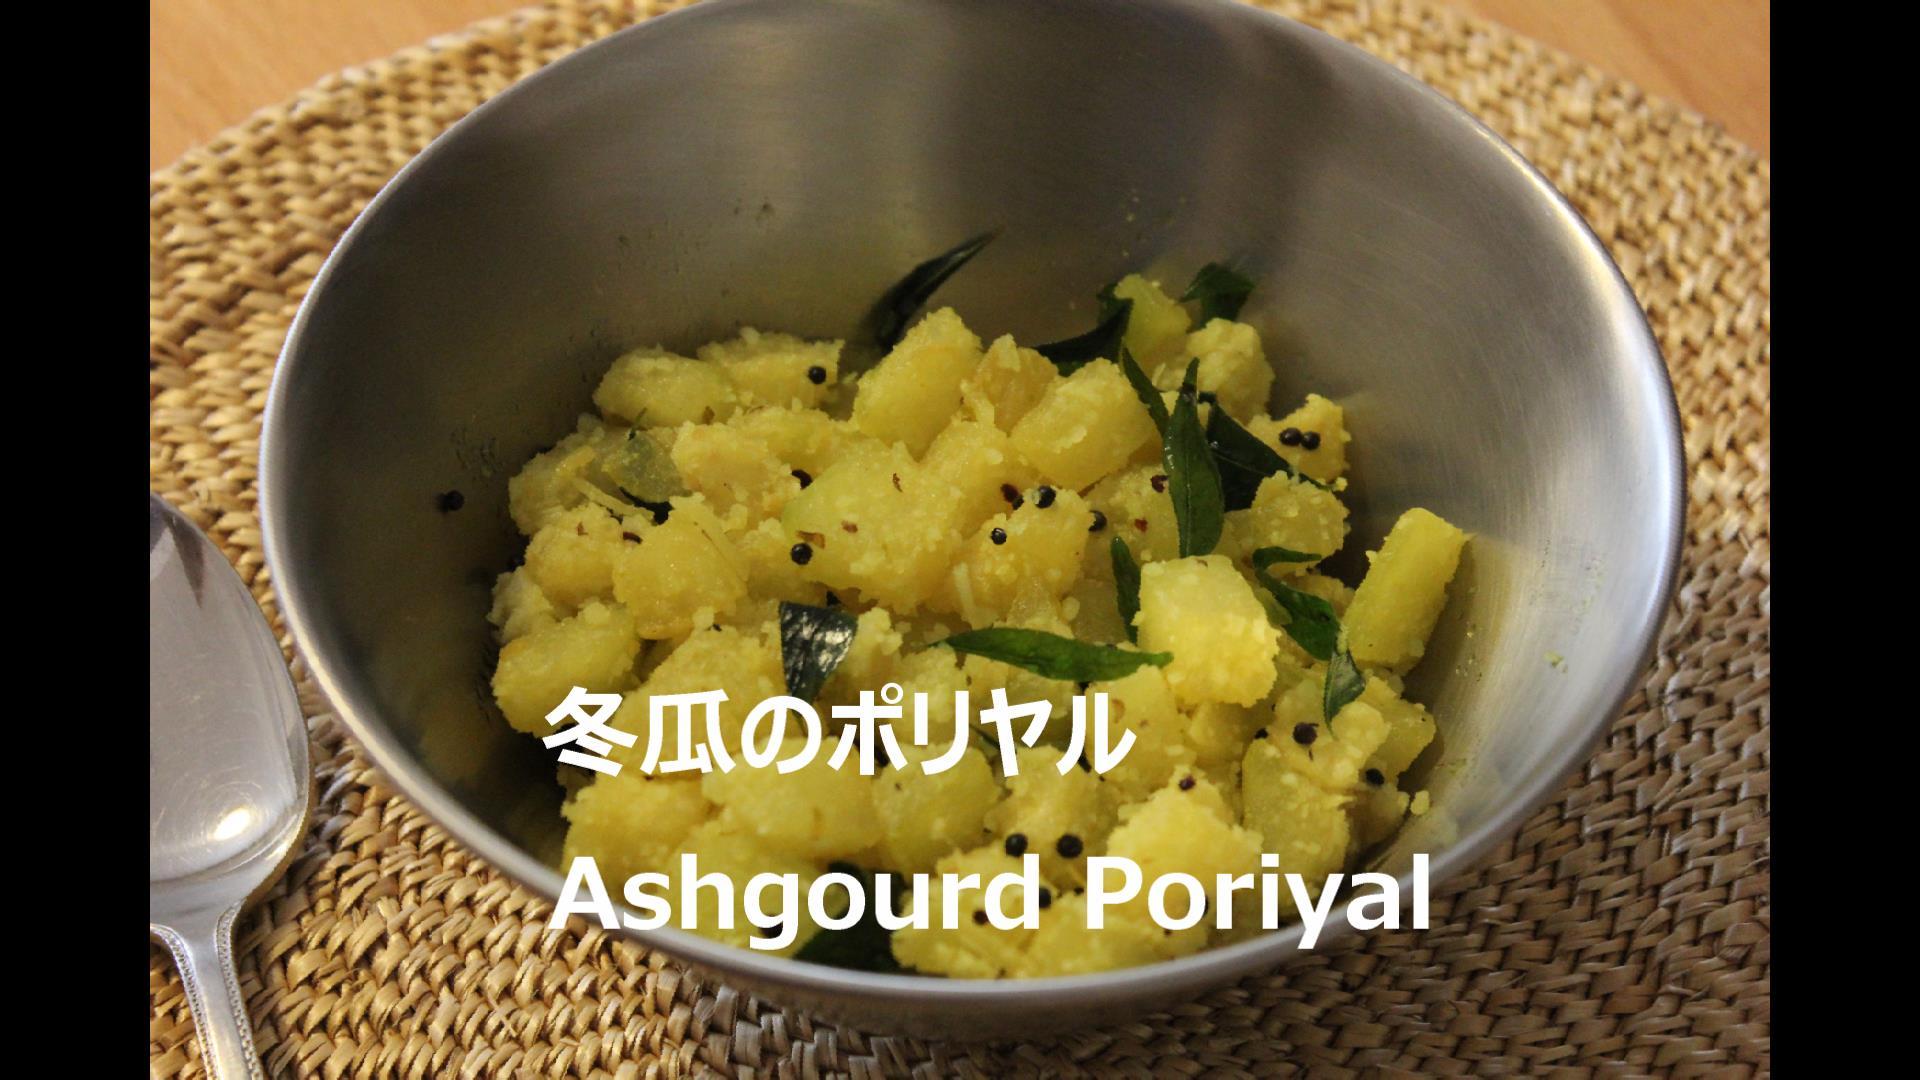 冬瓜のポリヤルのレシピ